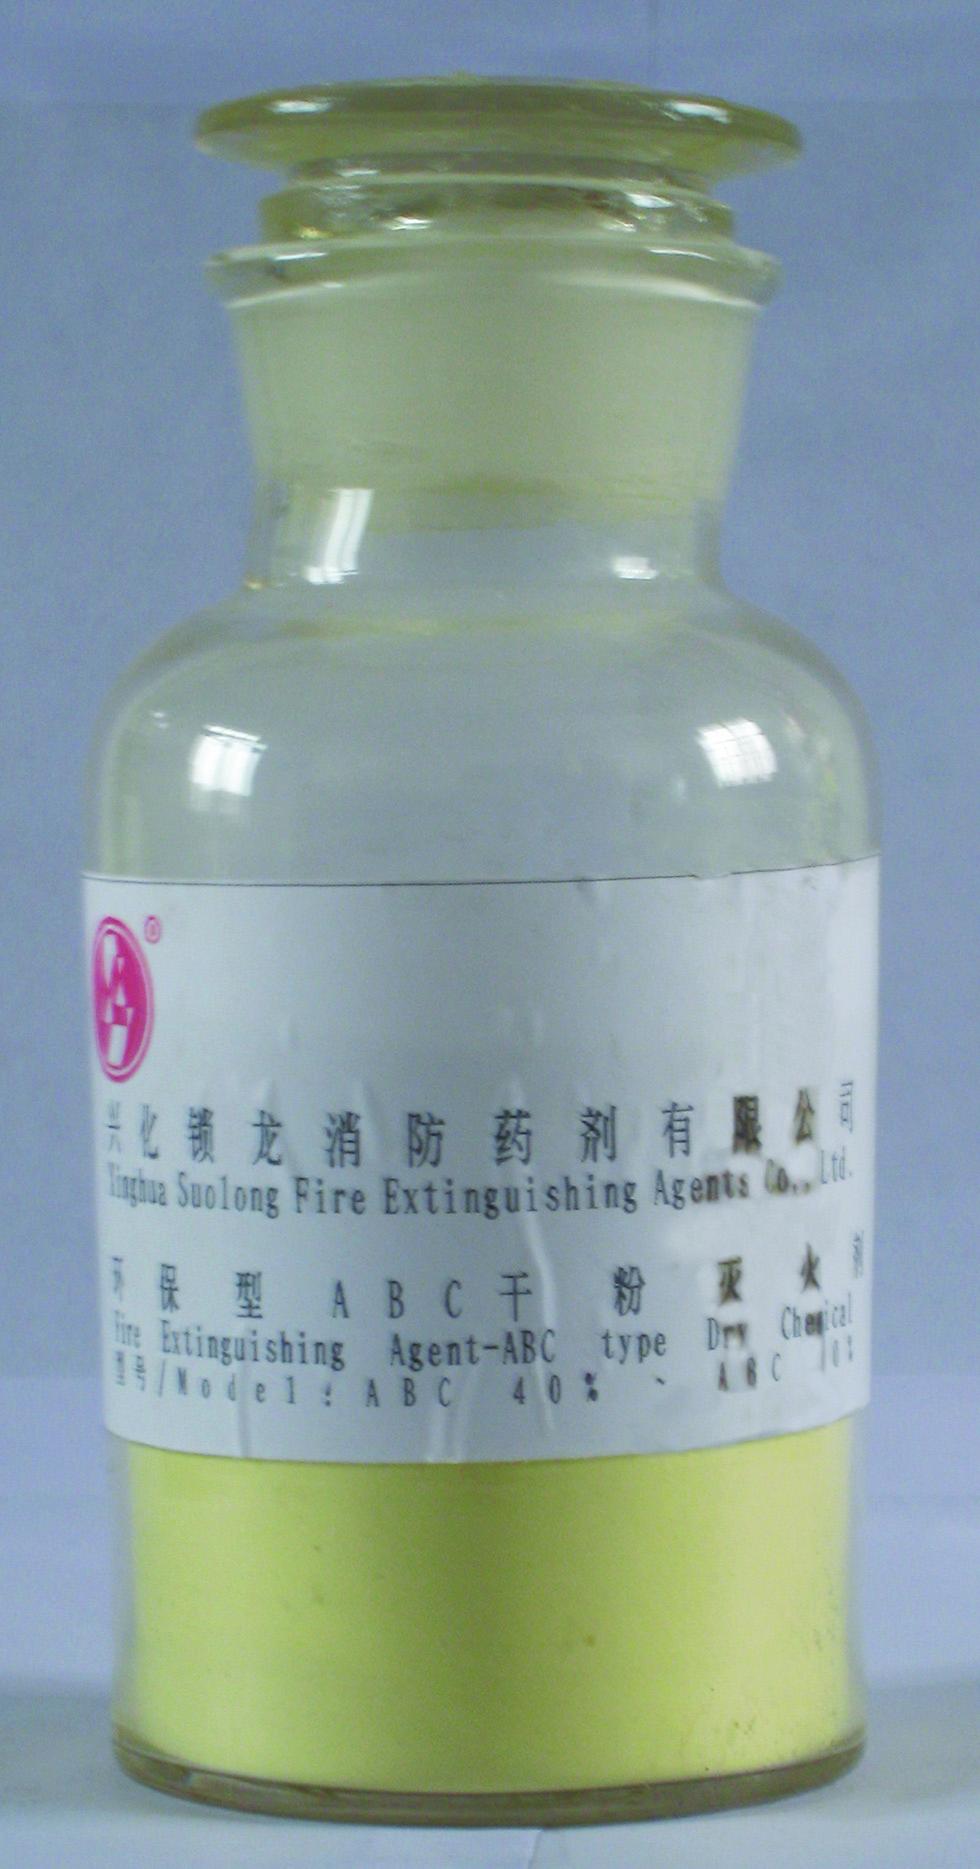 ABC powder extinguishing agent